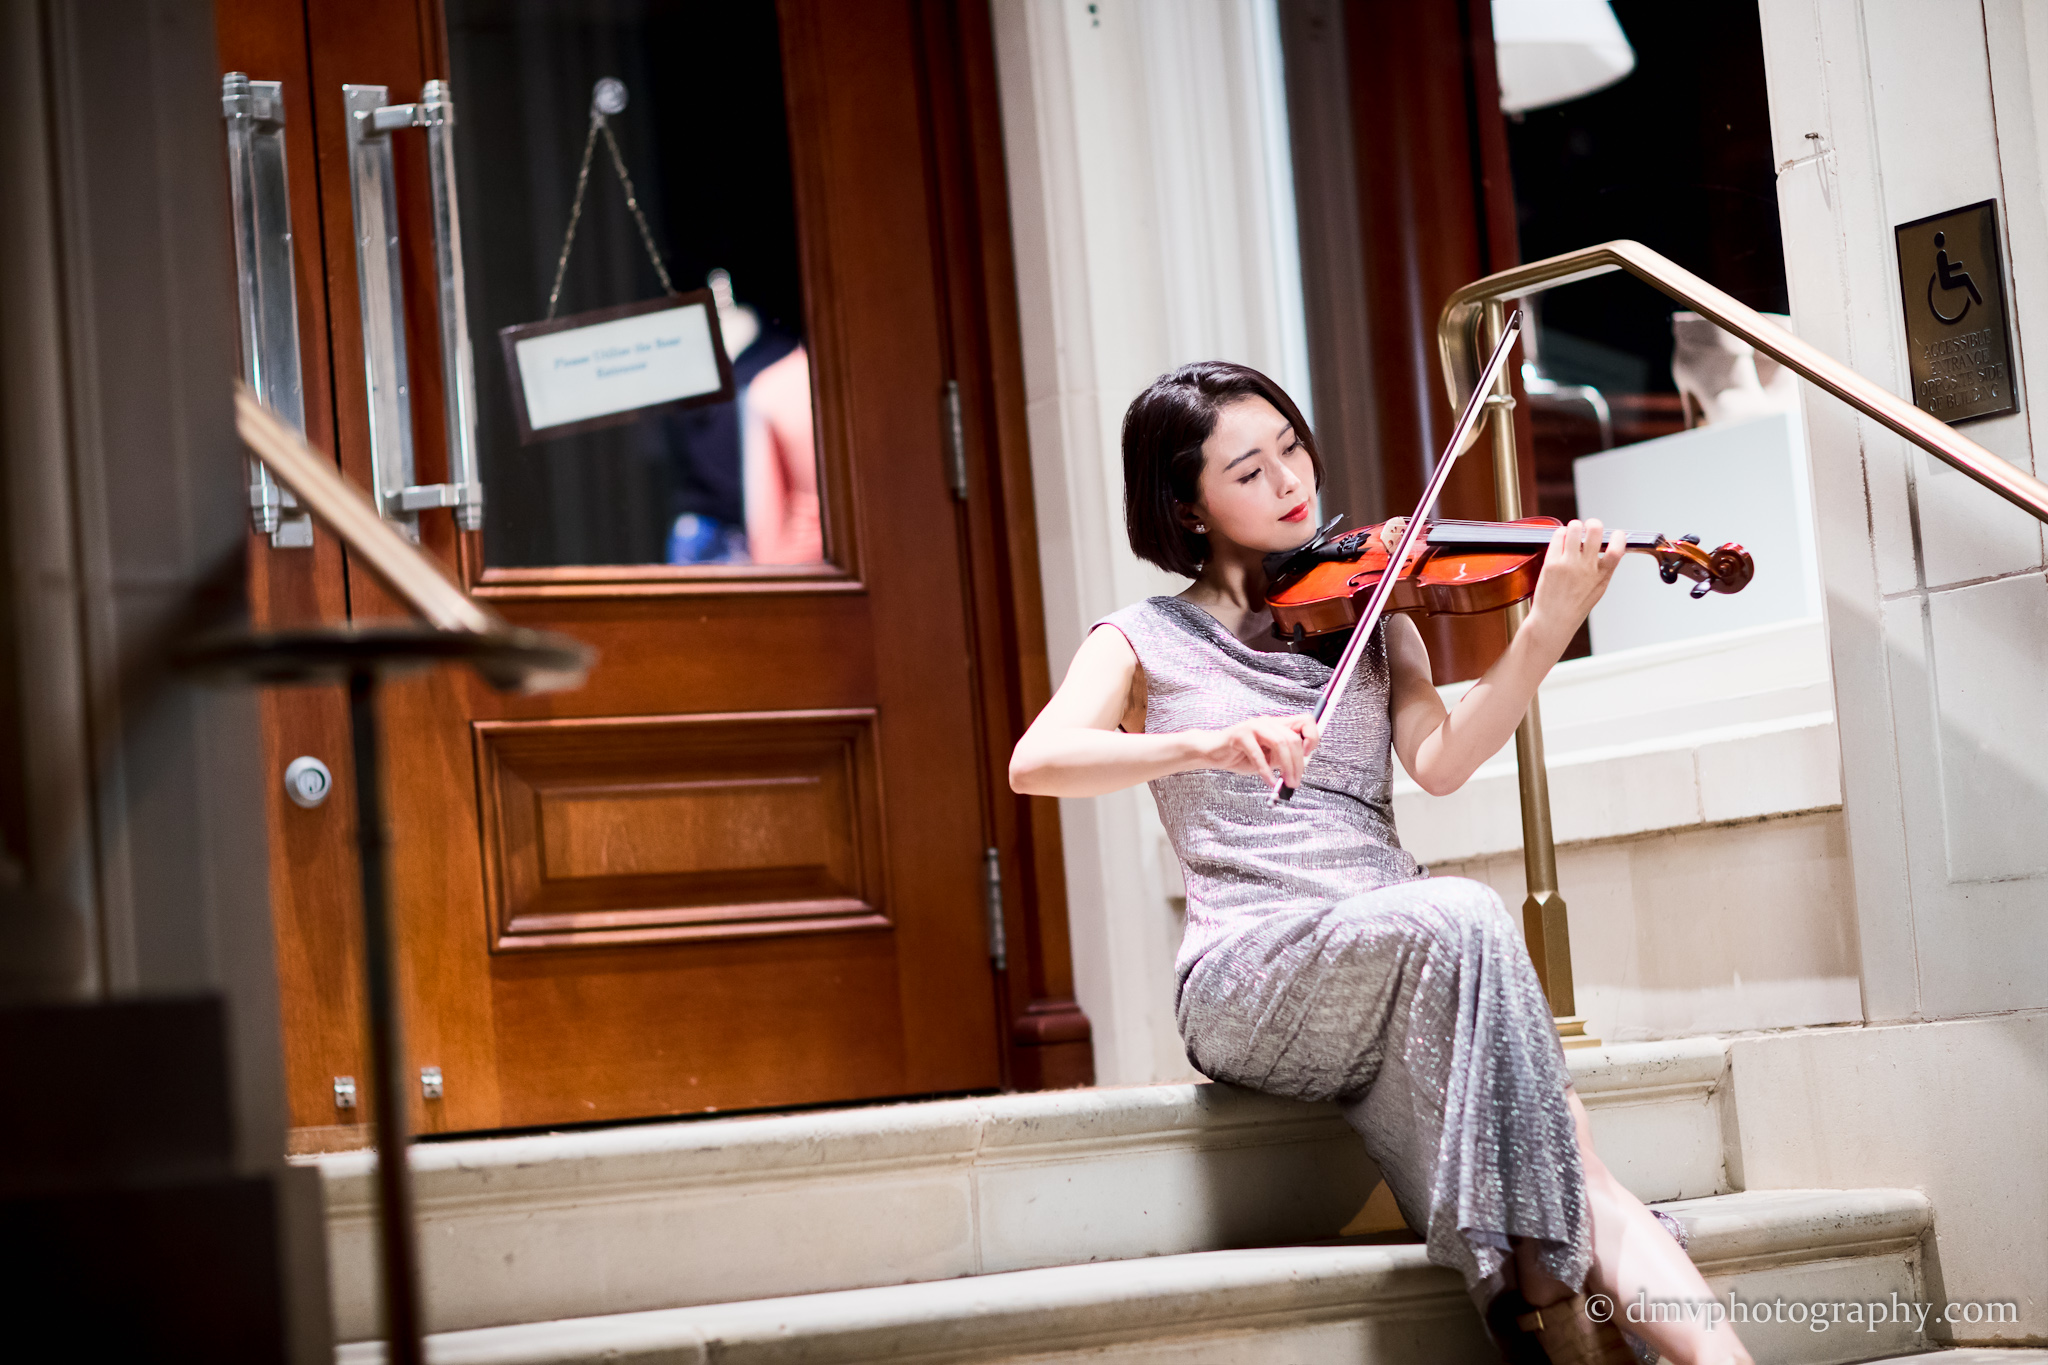 2016-08-12 - Anora Wang - Violin - 00014